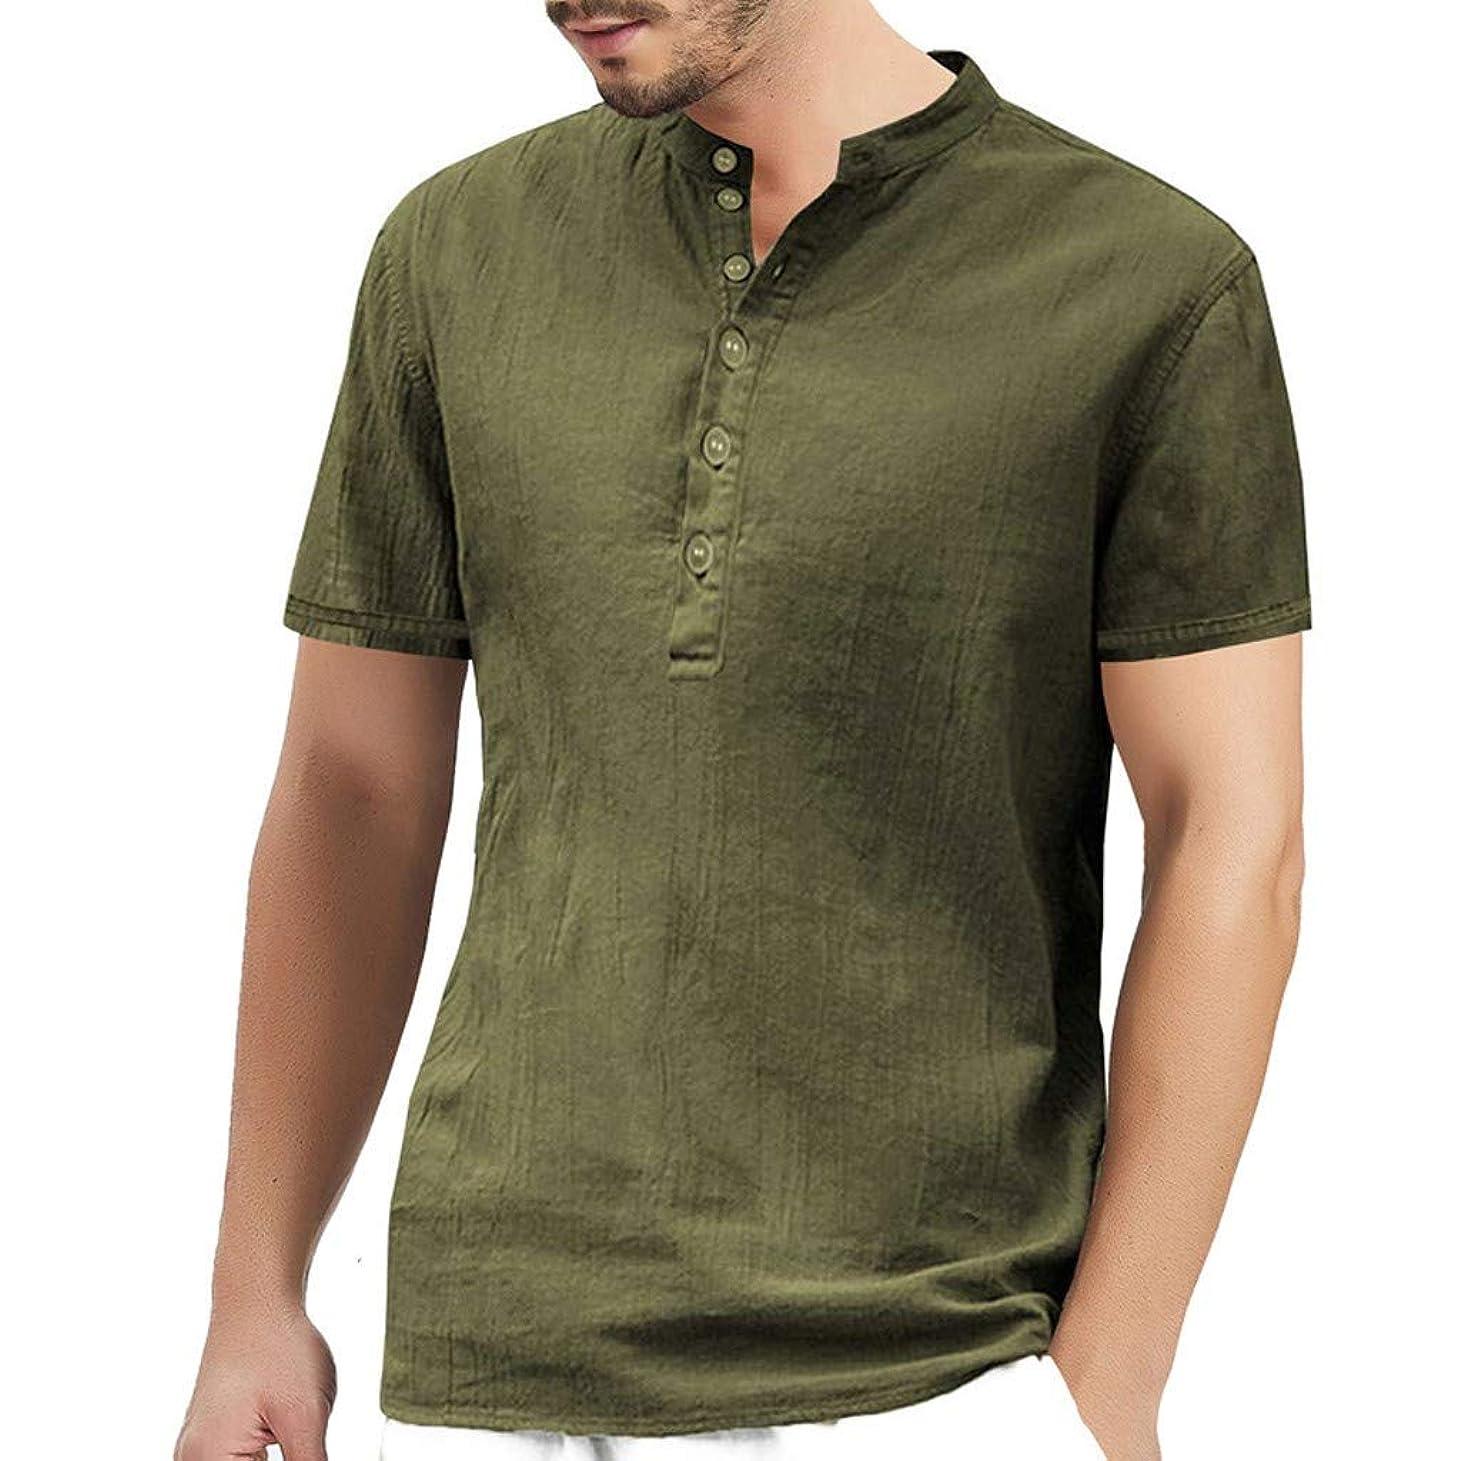 く桃誕生日夏服 メンズ Tシャツ Rexzo ファッション シンプル 綿麻 シャツ 純色 無地 ブラウス すずしい 着心地良い シャツ メンズ着心地良いtシャツ 丸首半袖 ボタン ティーシャツ 吸汗速乾 スポーツシャツ 部屋着 通勤 デイリーに大活躍